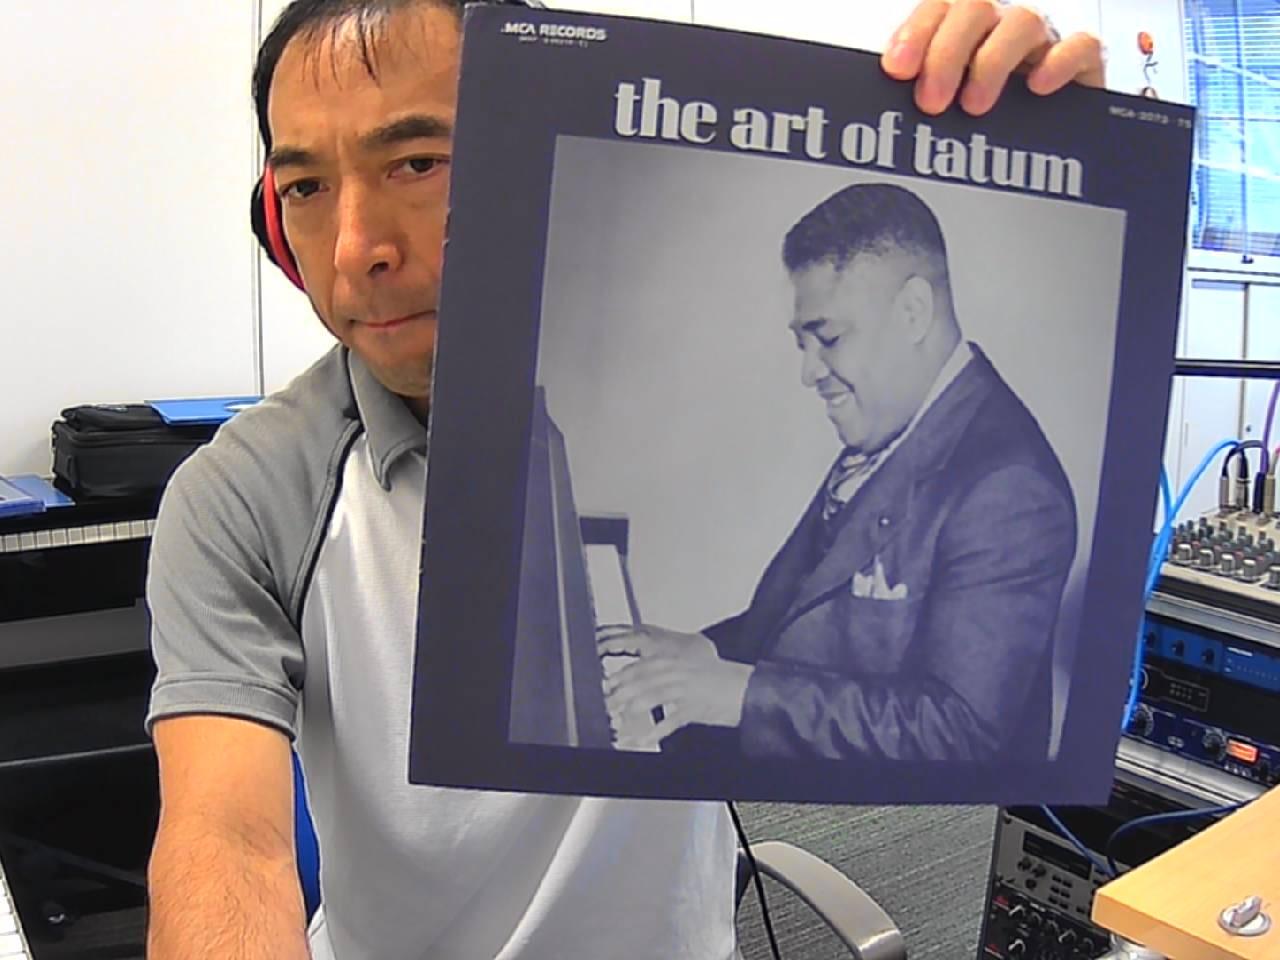 東海大学生涯学習講座(21年度後期)ジャズを聴く オンラインで学び楽しむジャズスタンダード